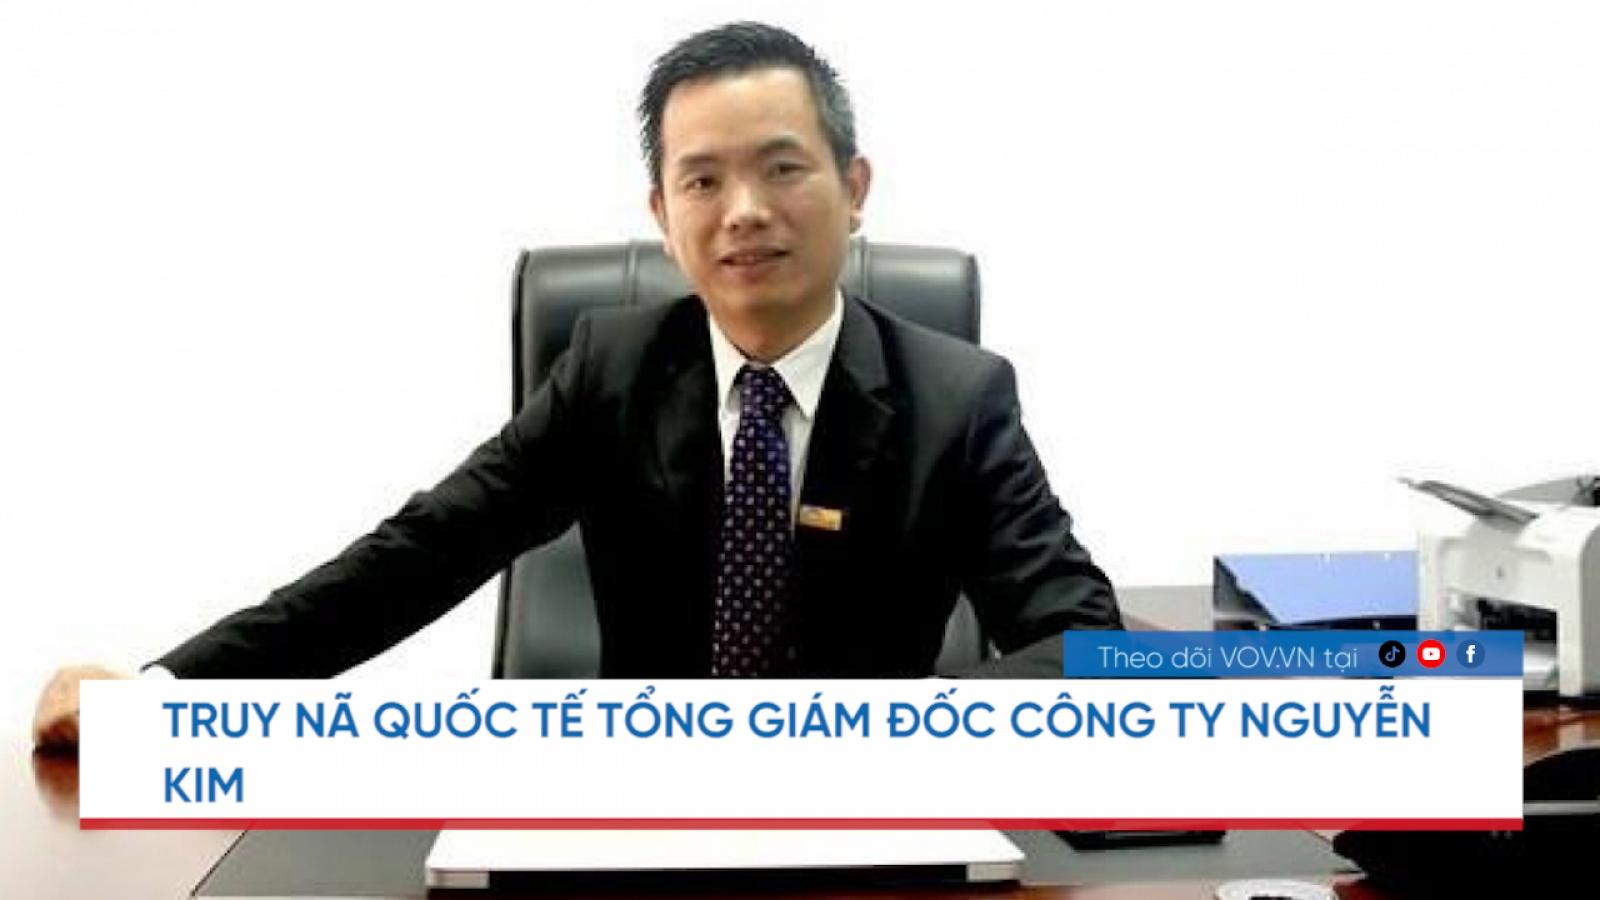 Nóng 24h: Truy nã Tổng Giám đốc Công ty Nguyễn Kim